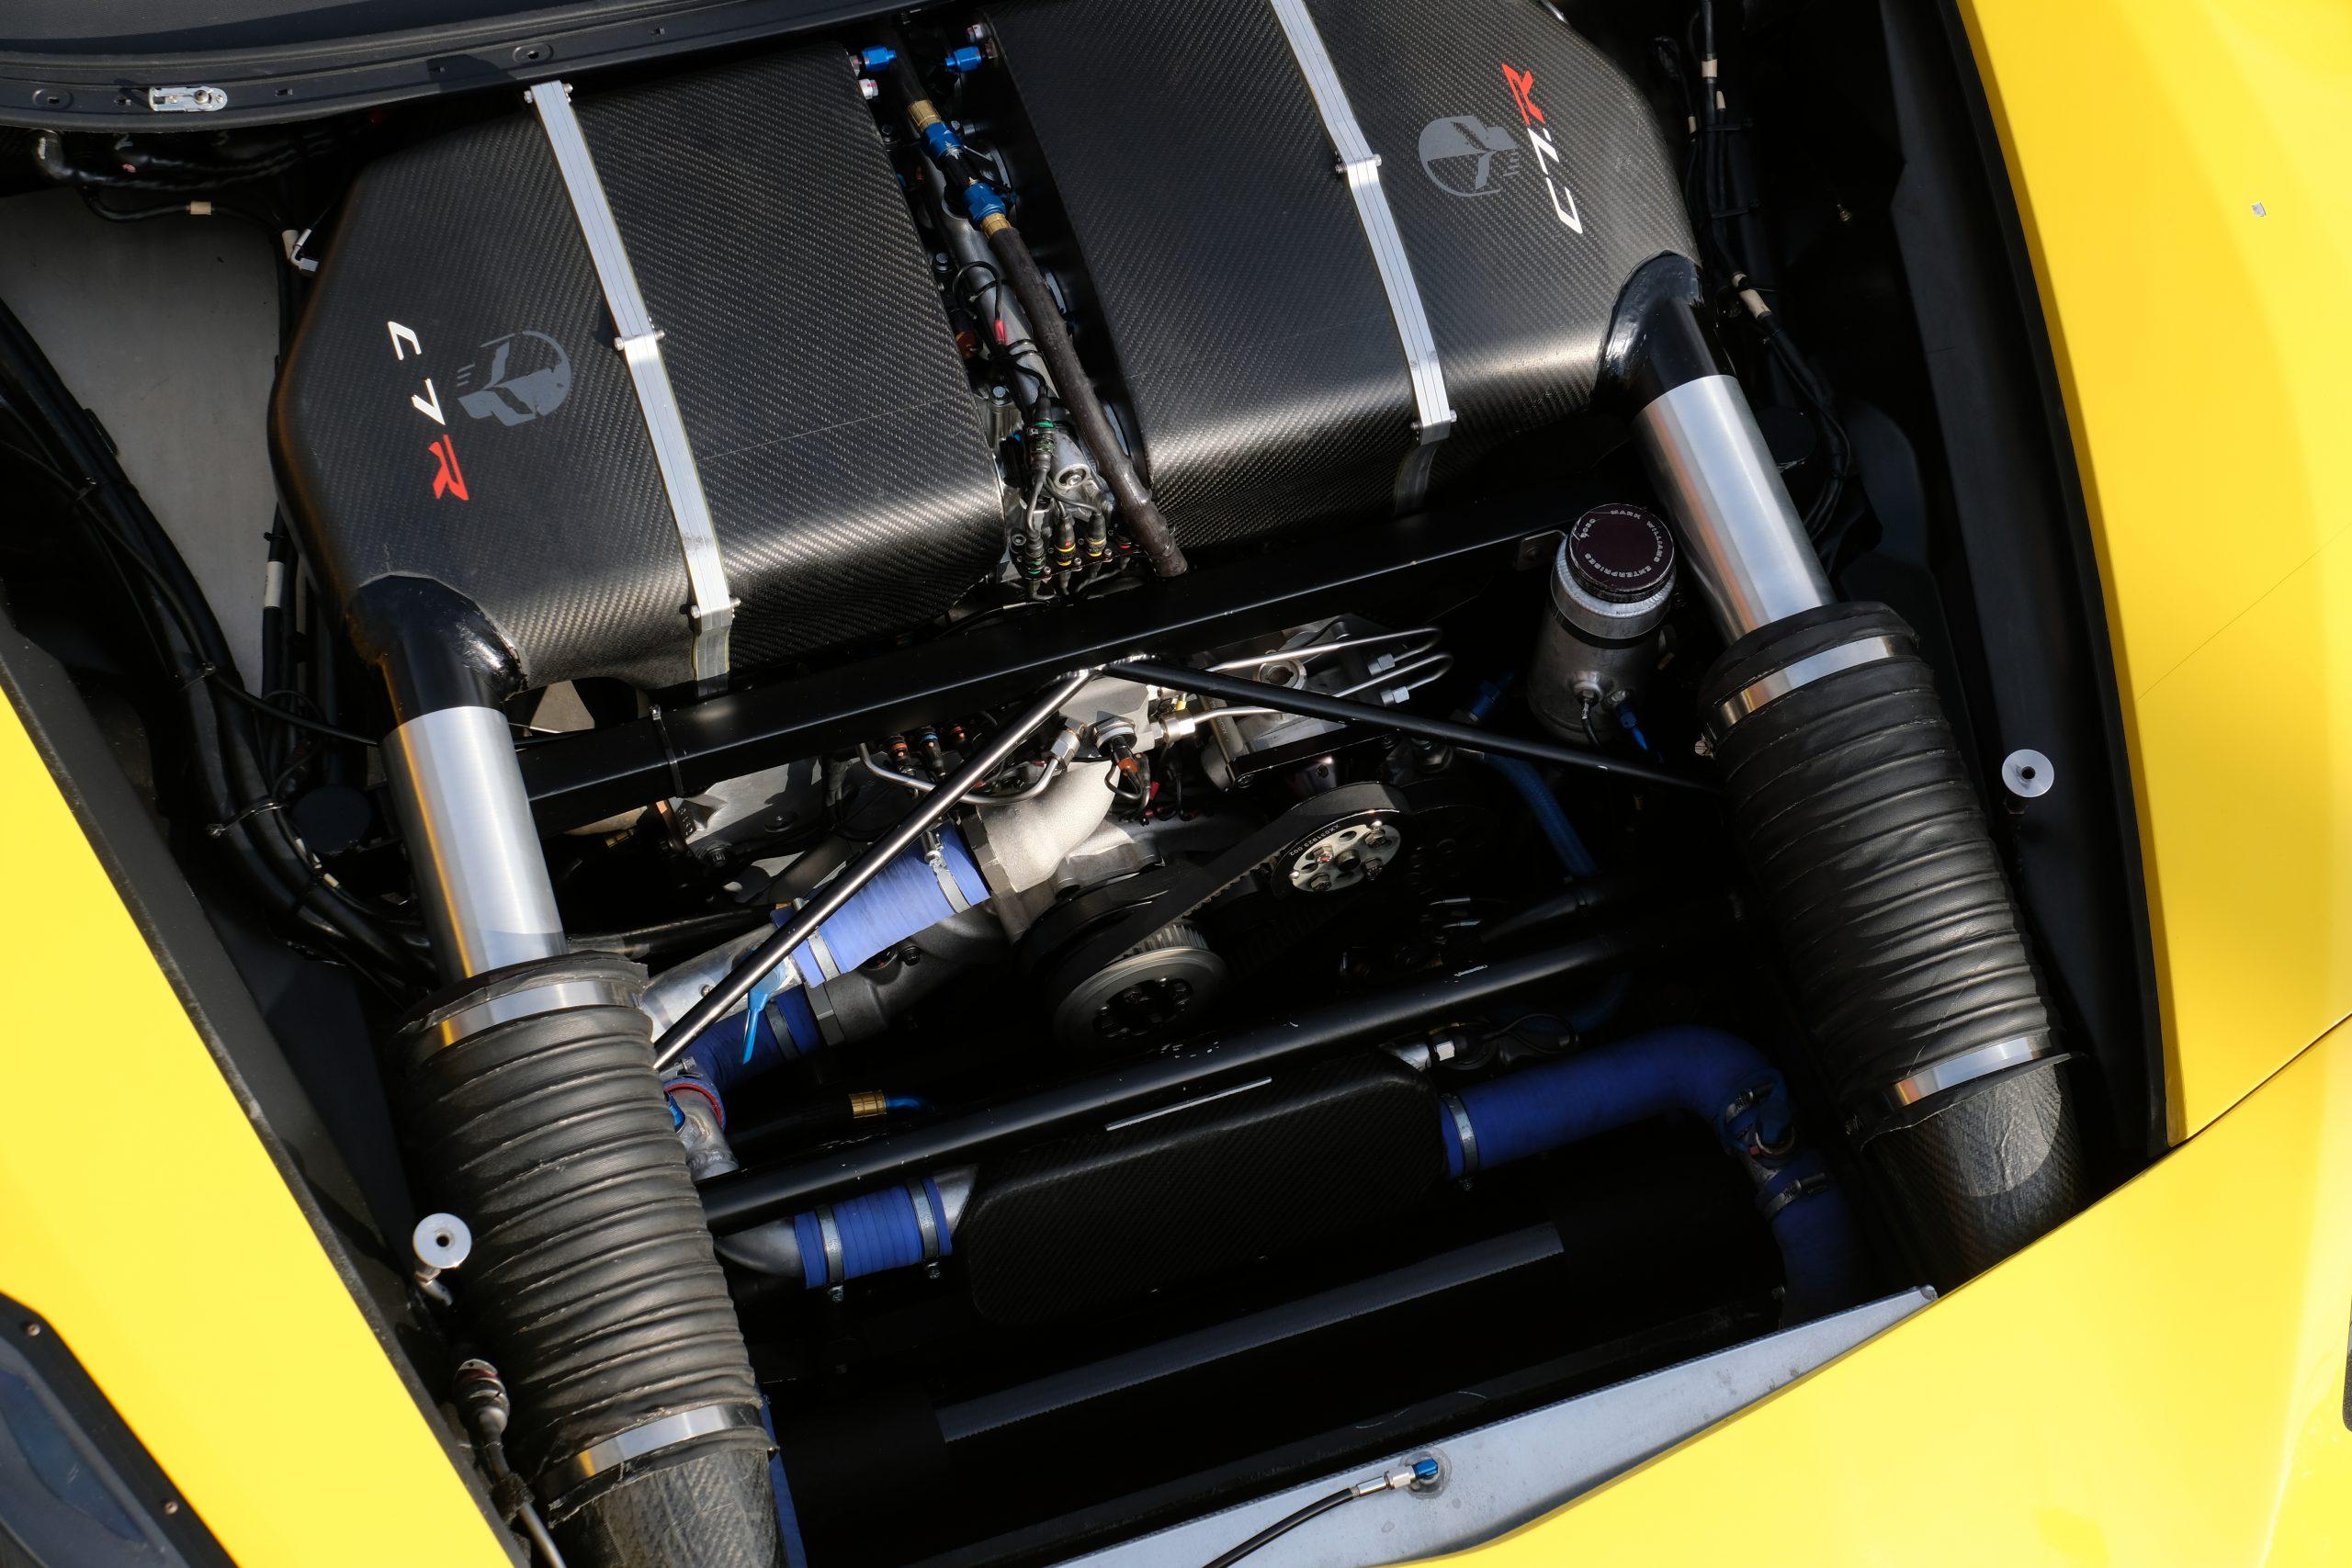 2015 corvette c7.r engine